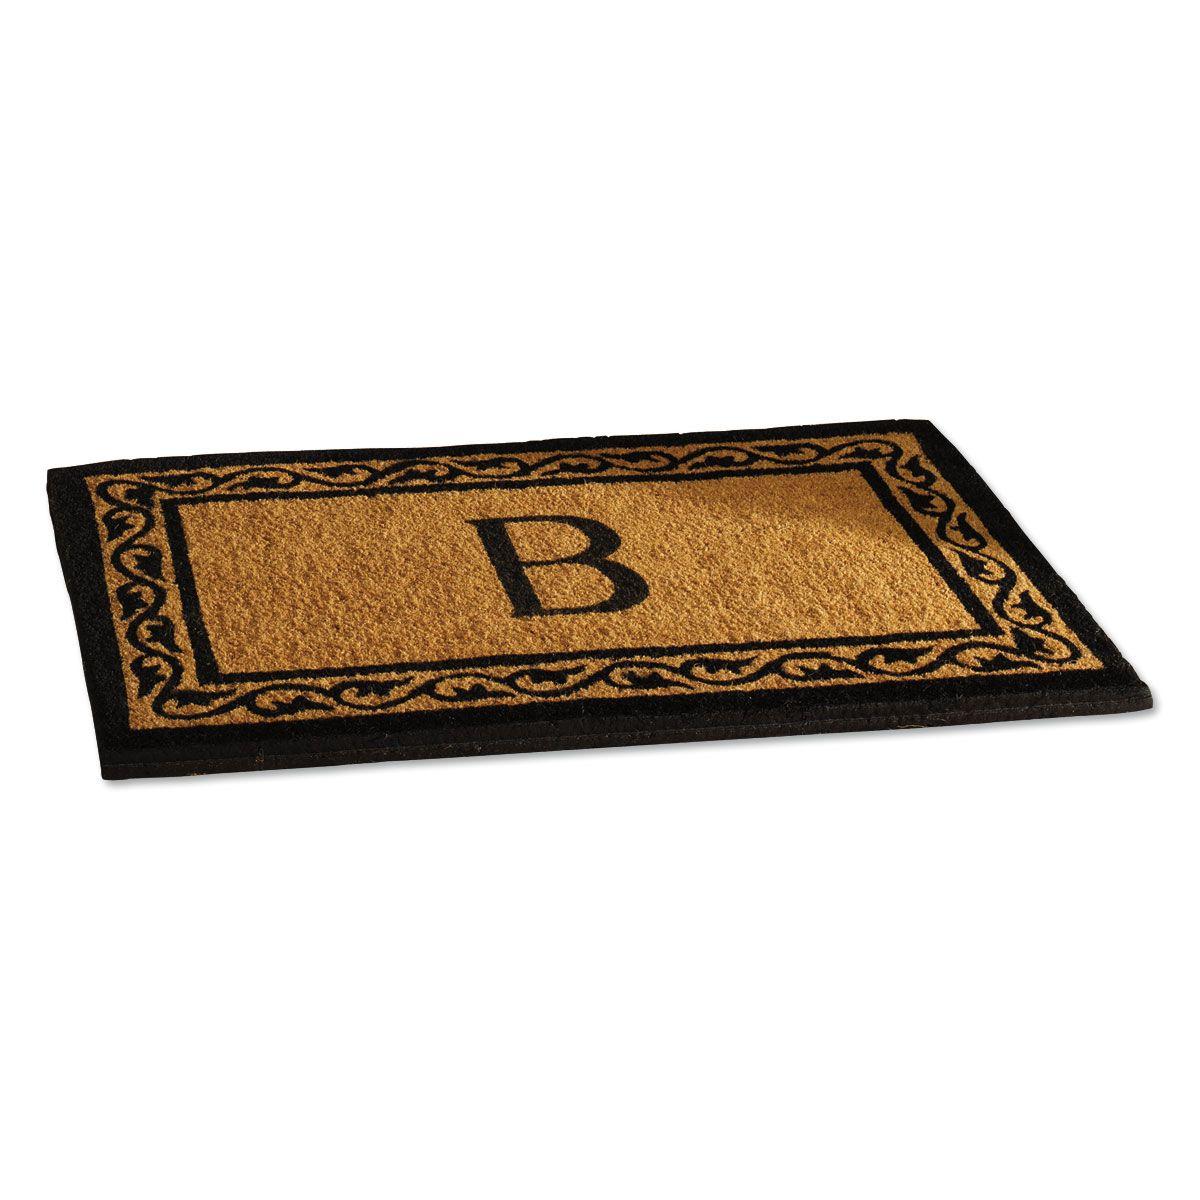 Coco Initial Doormat-1830-800146